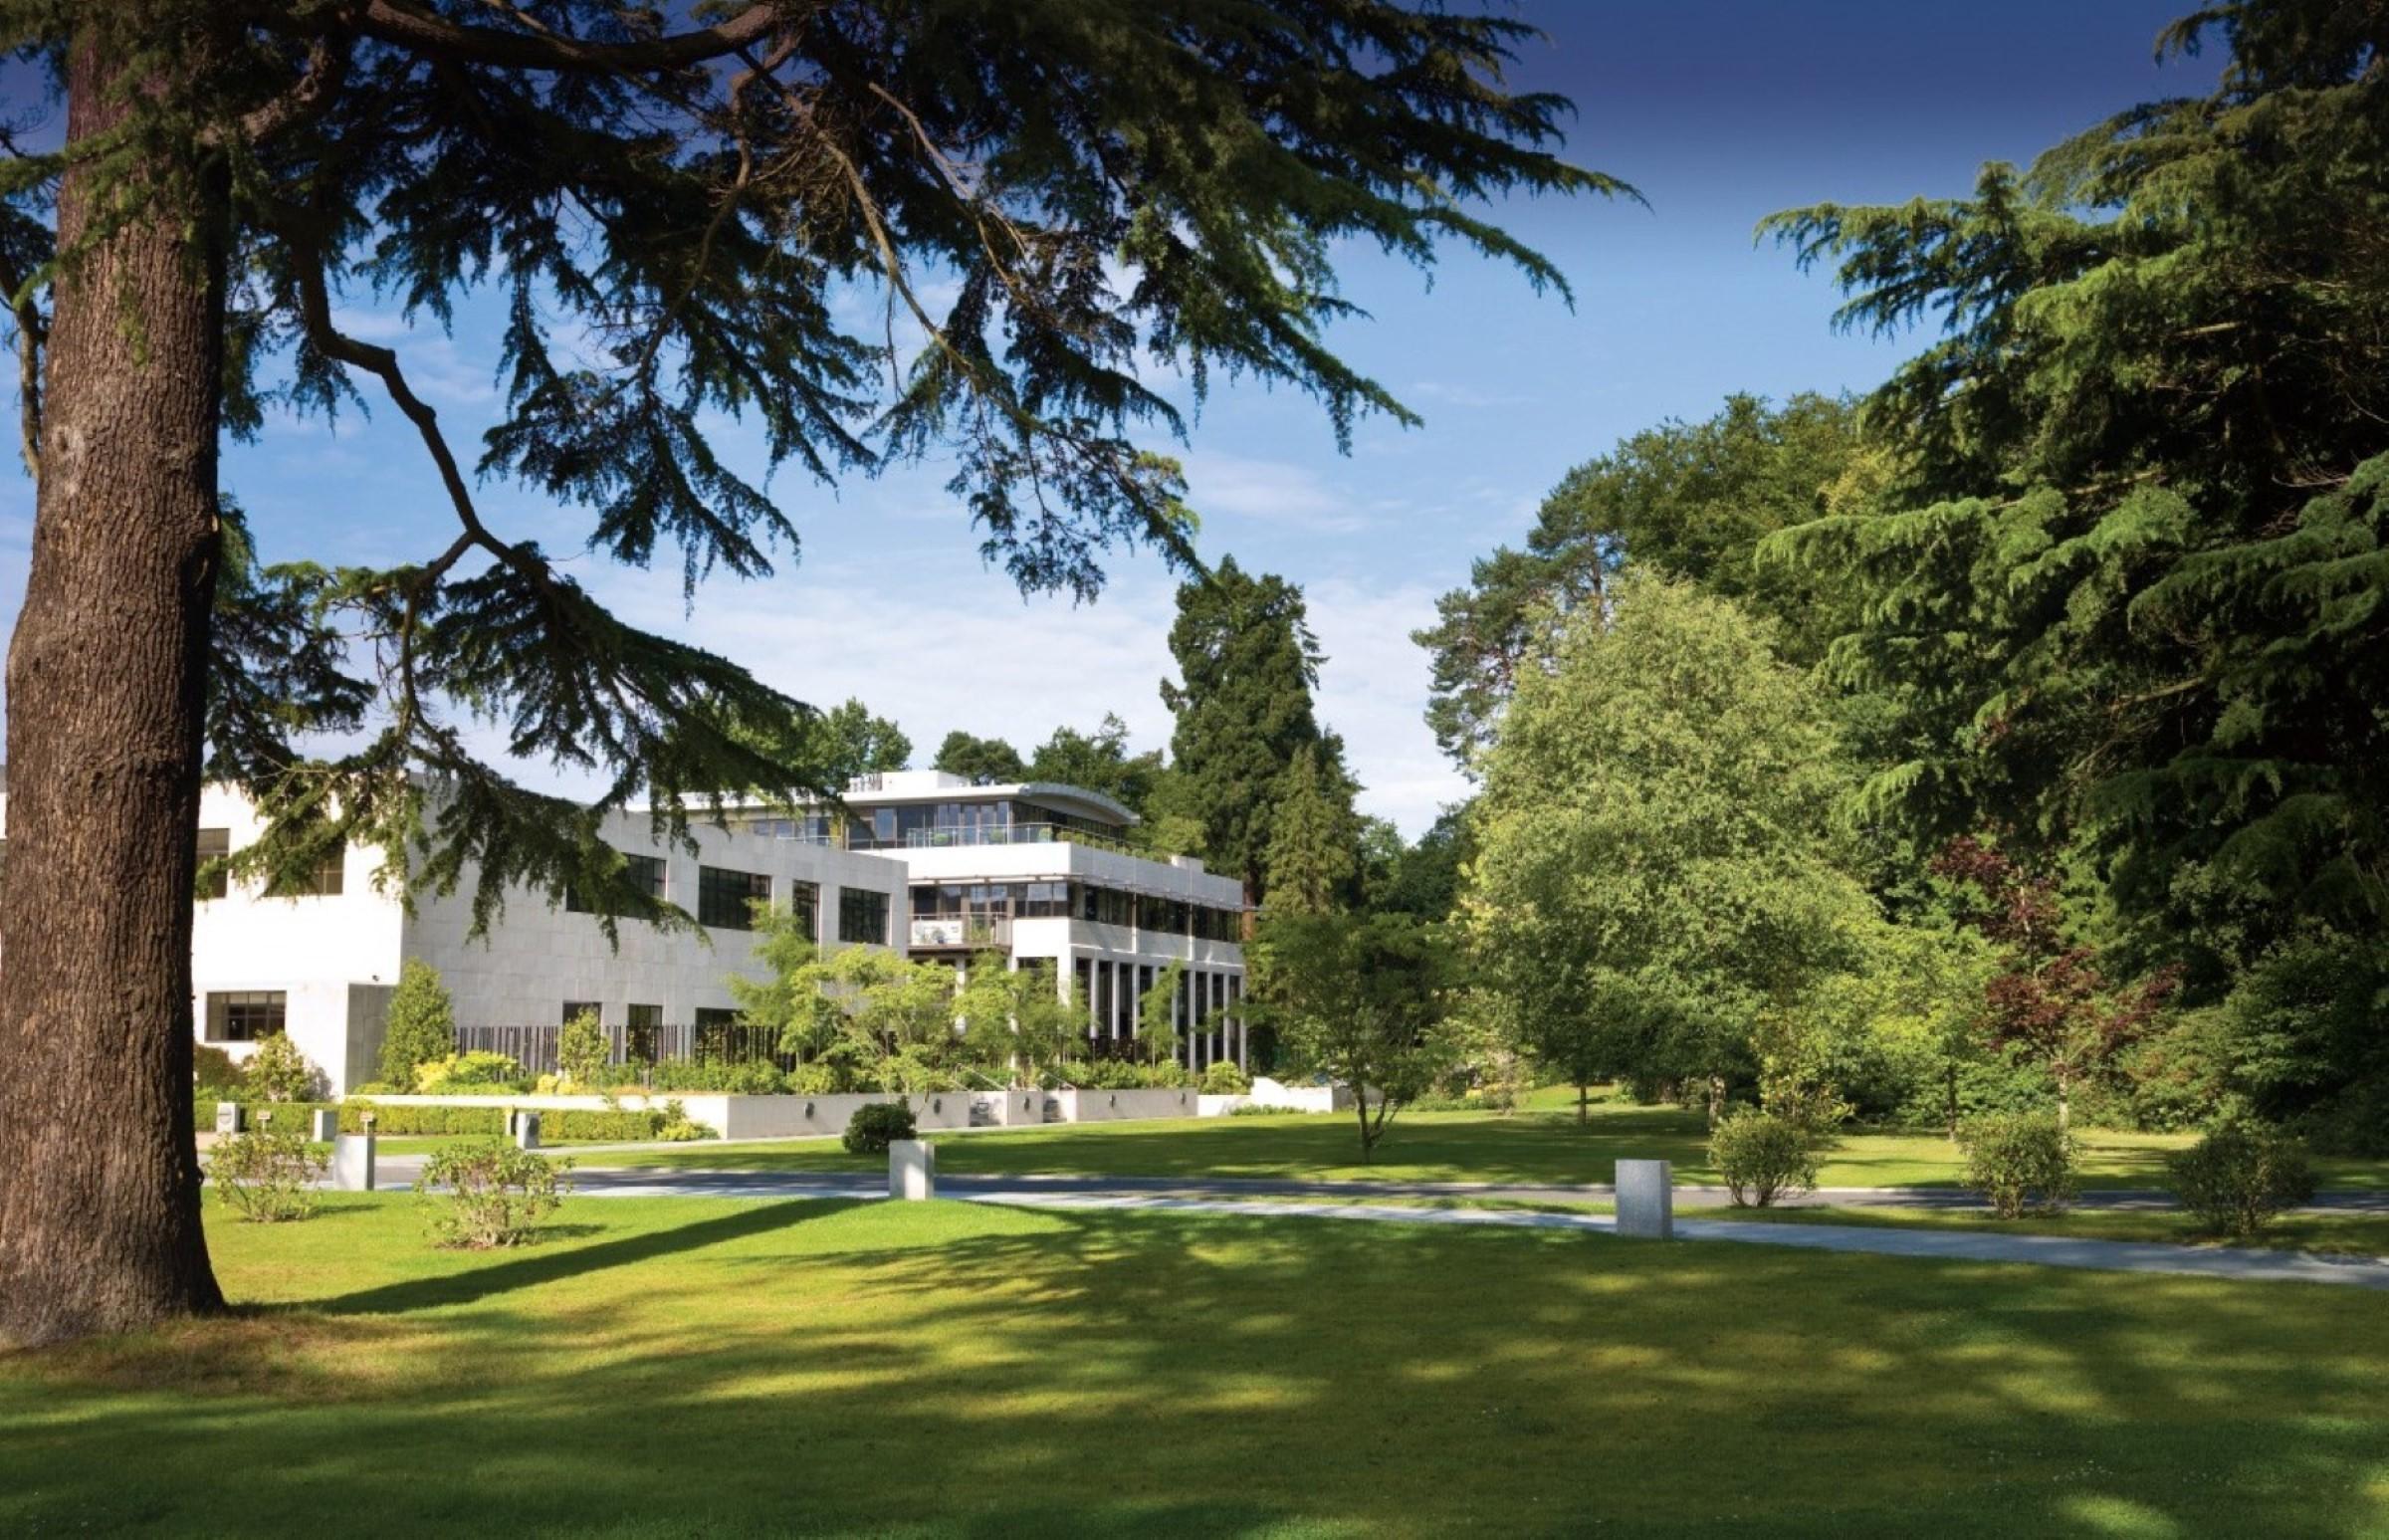 Appartement pour l Vente à Ascot, Berkshire Charters Road Ascot, Angleterre, SL59GE Royaume-Uni